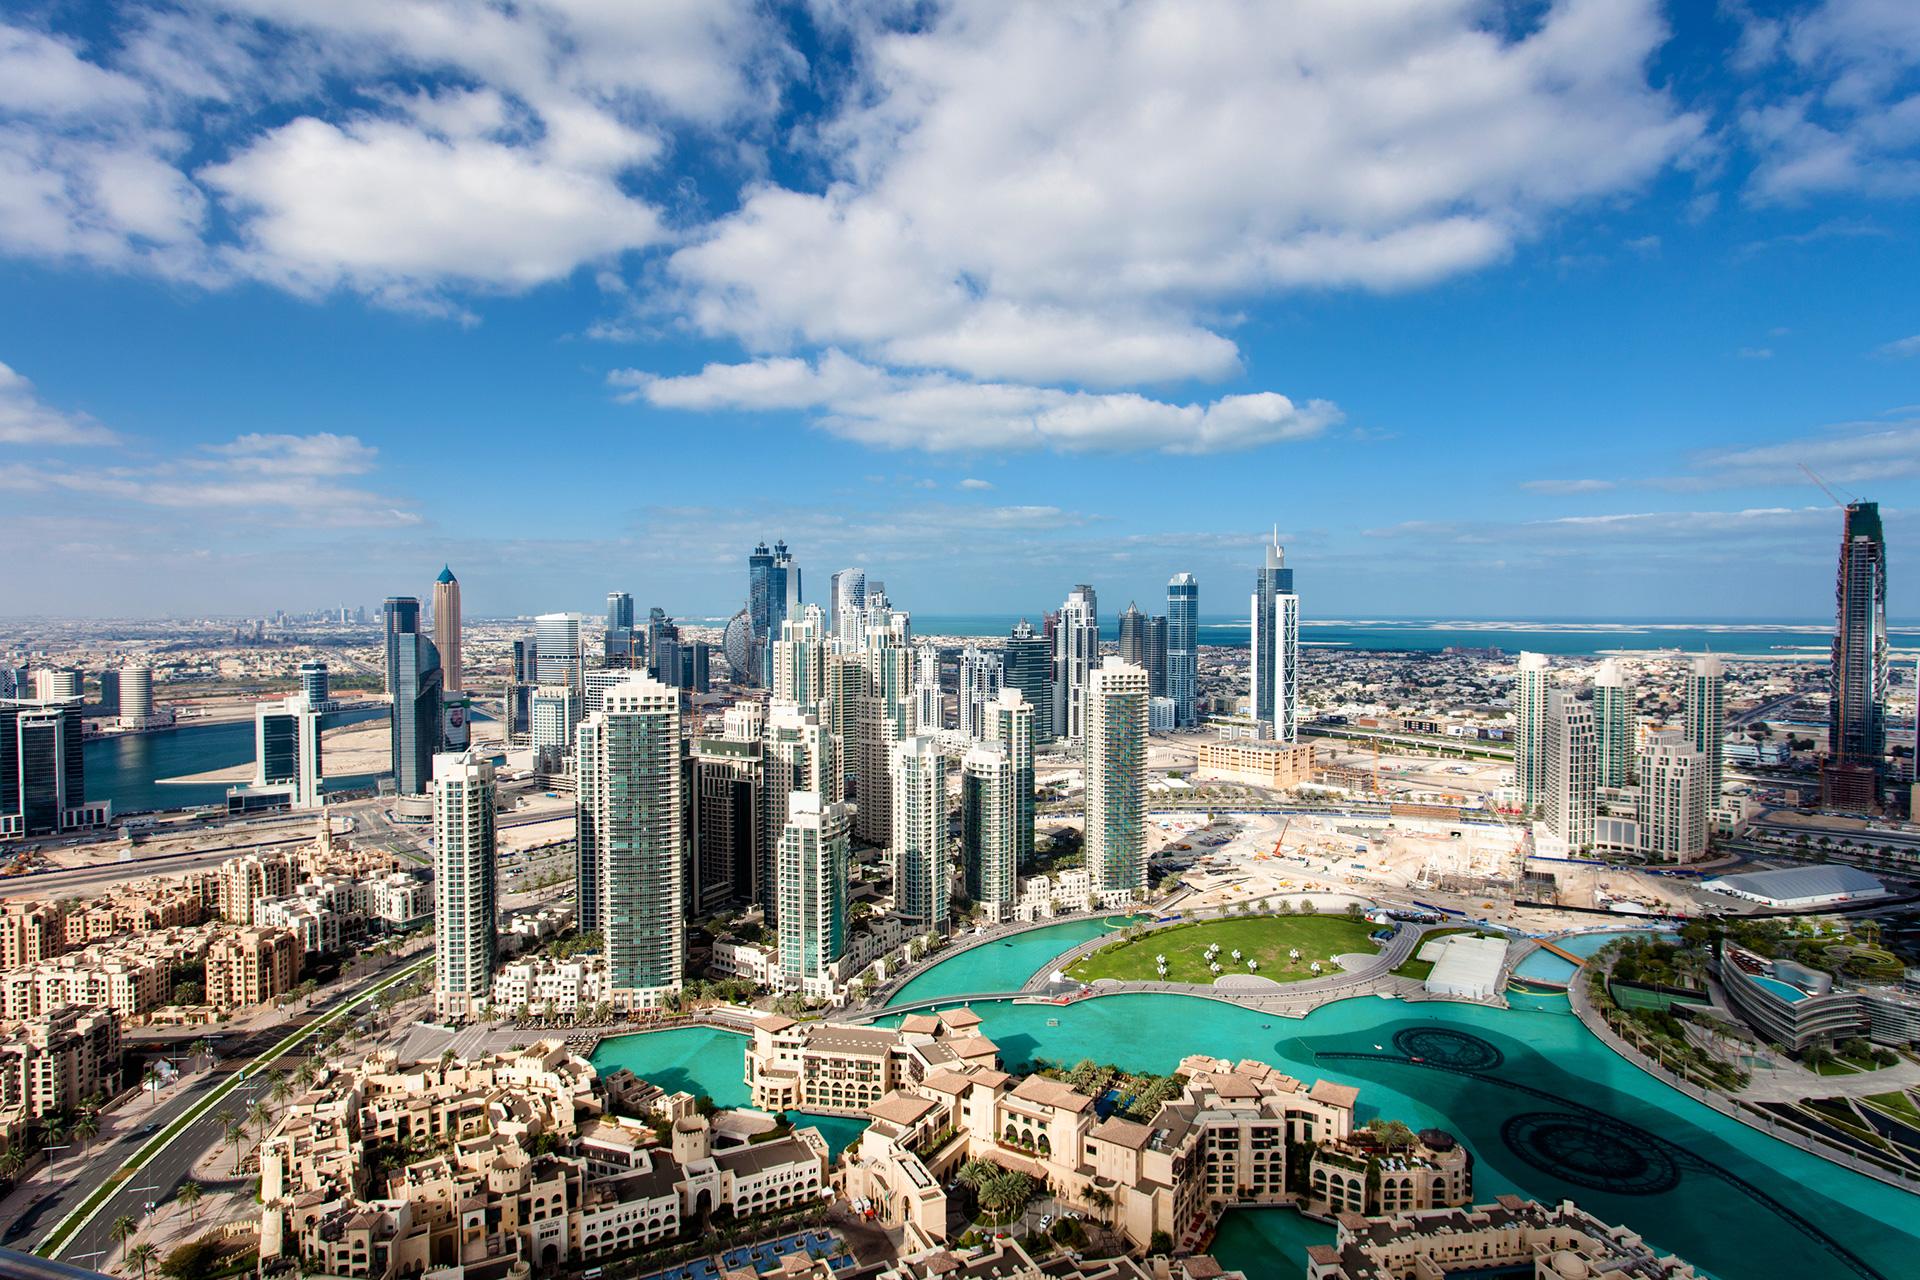 أزمة اقتصادية تعصف بإمارة دبي وقطاع العقارات المتضرر الأكبر